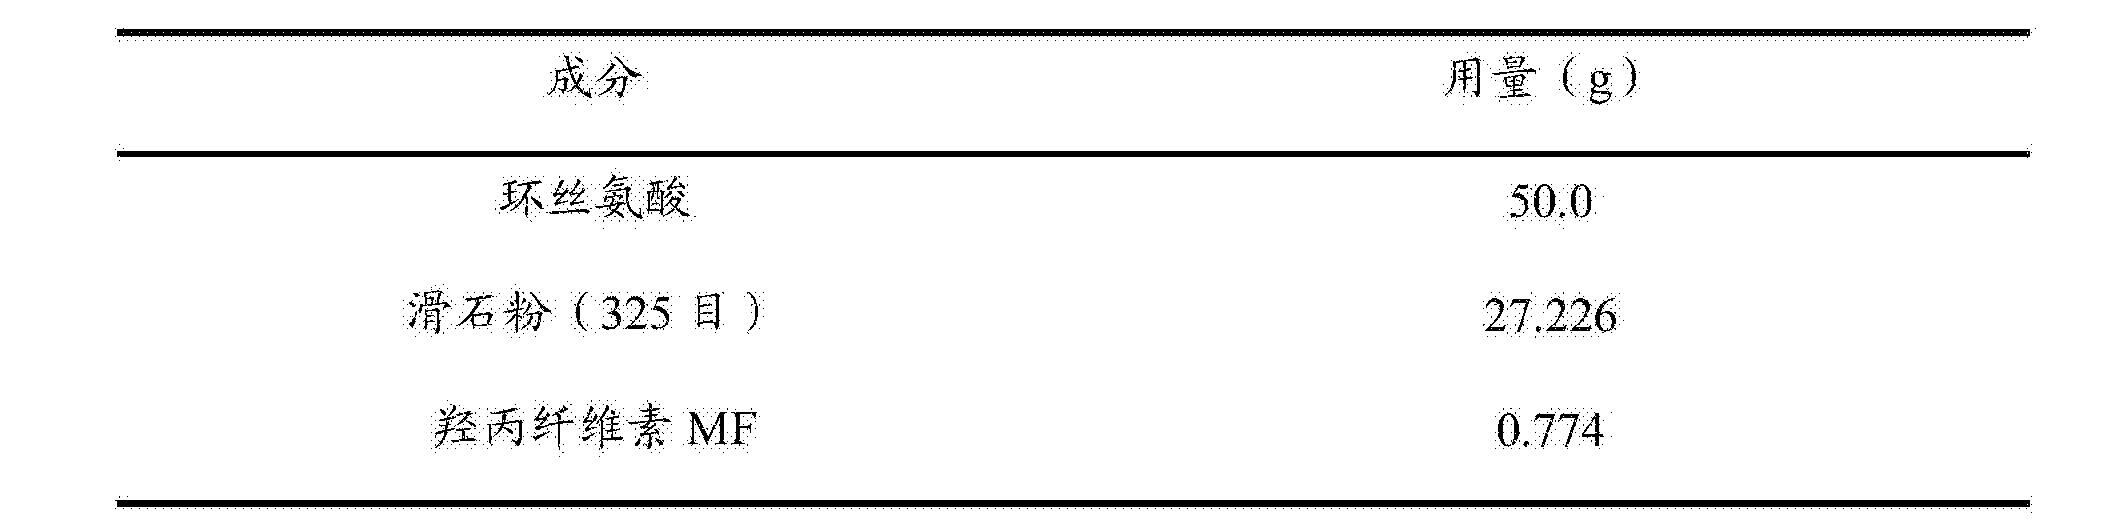 Figure CN105476976BD00152